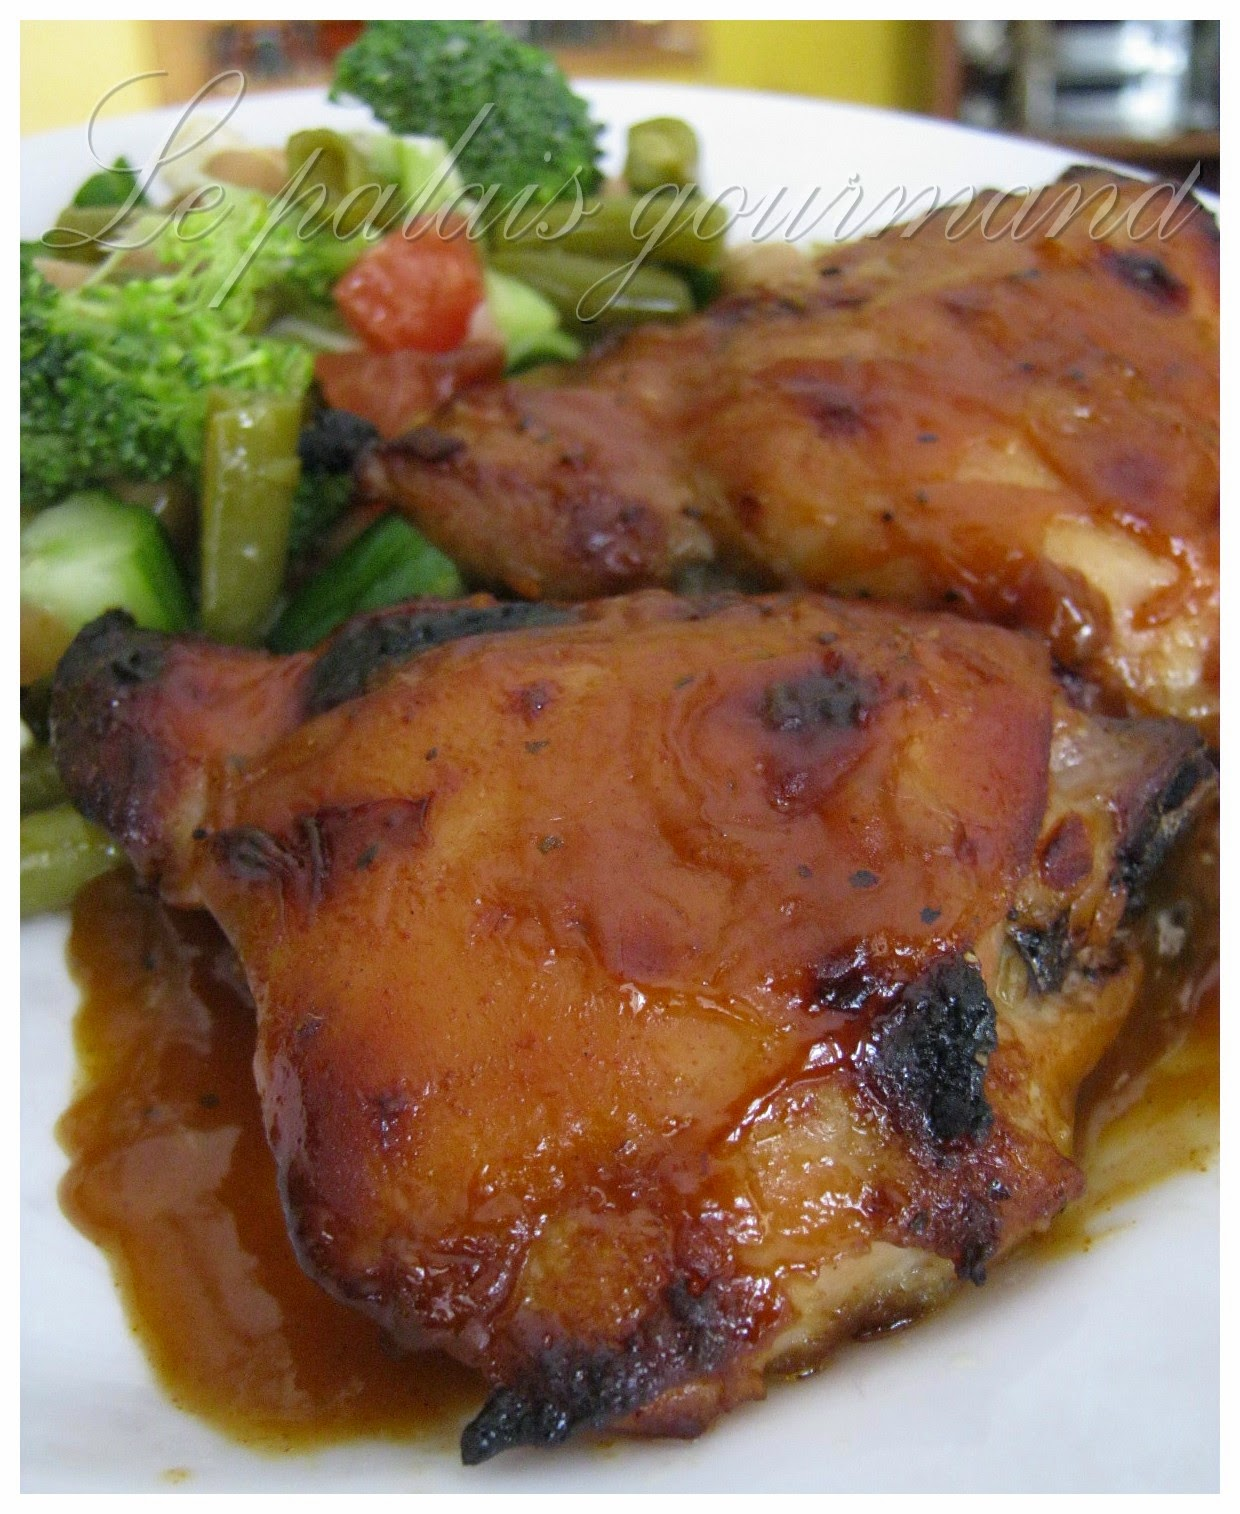 le palais gourmand hauts de cuisse de poulet grill sauce b b q maison. Black Bedroom Furniture Sets. Home Design Ideas